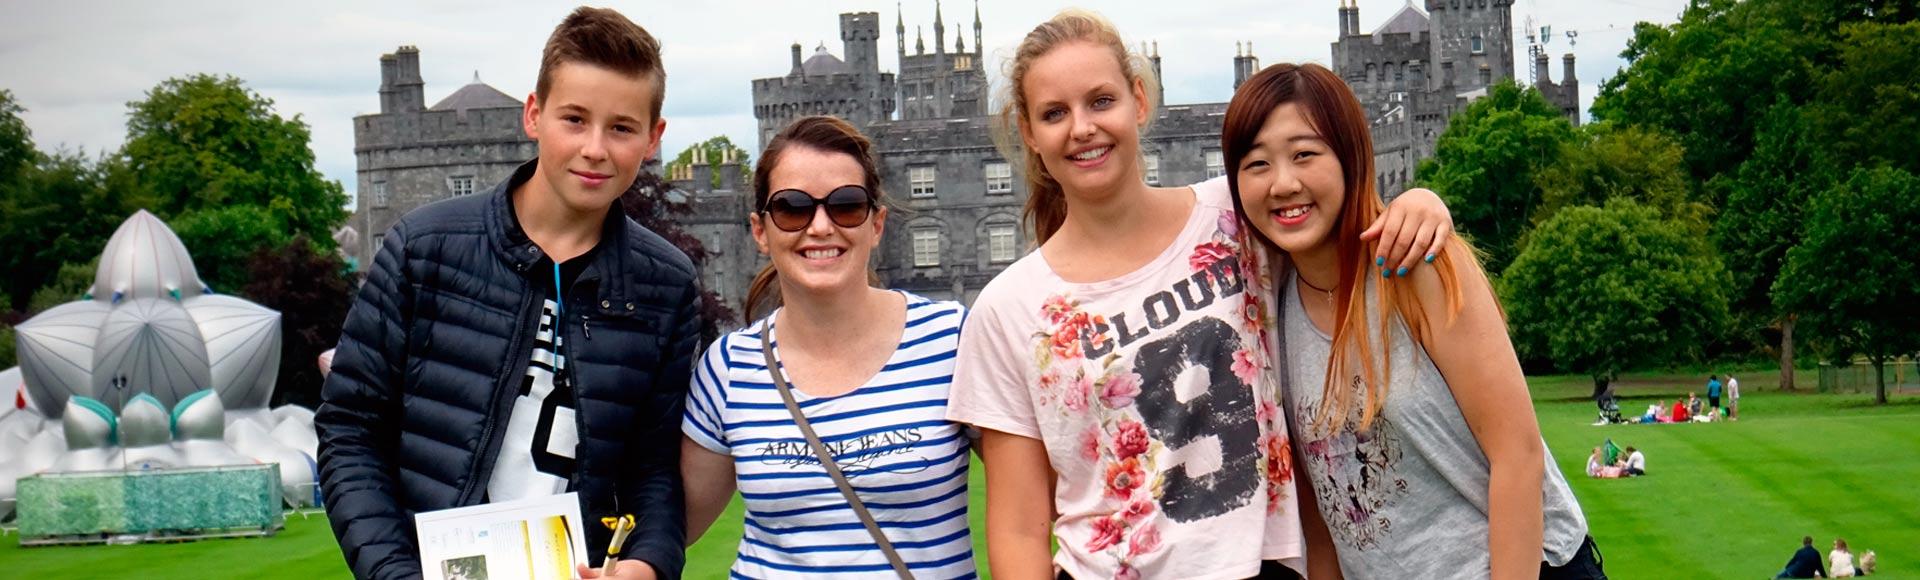 Curso de Inglés para Jóvenes en Kilkenny Irlanda